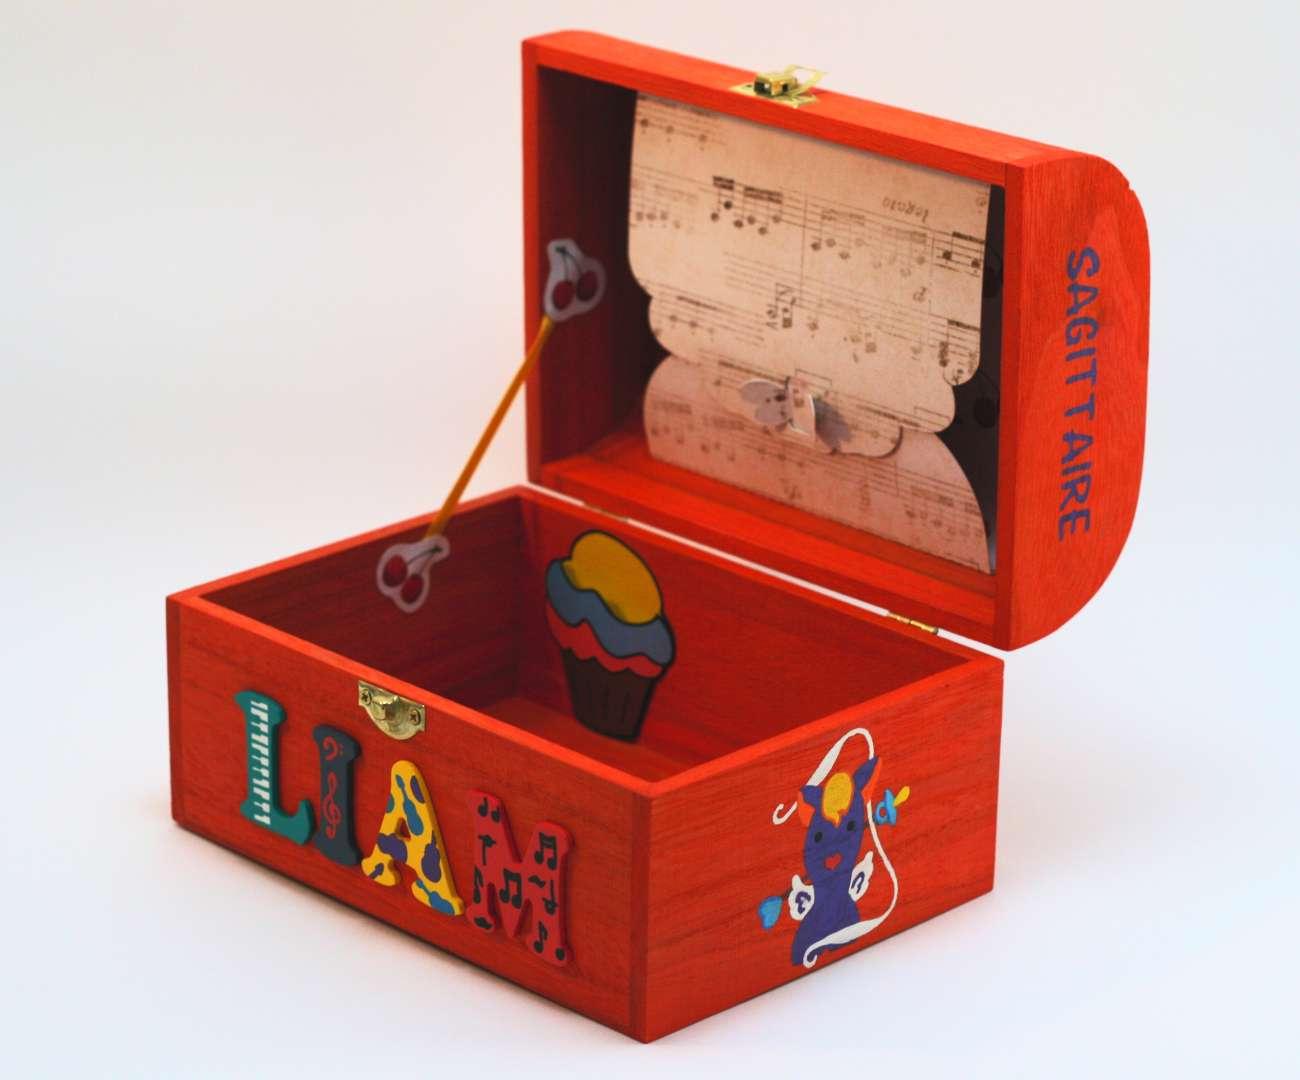 Coffret orange carotte, prénom décoré Liam, intérieur avec pochette cupcake et pochette dans le couvercle